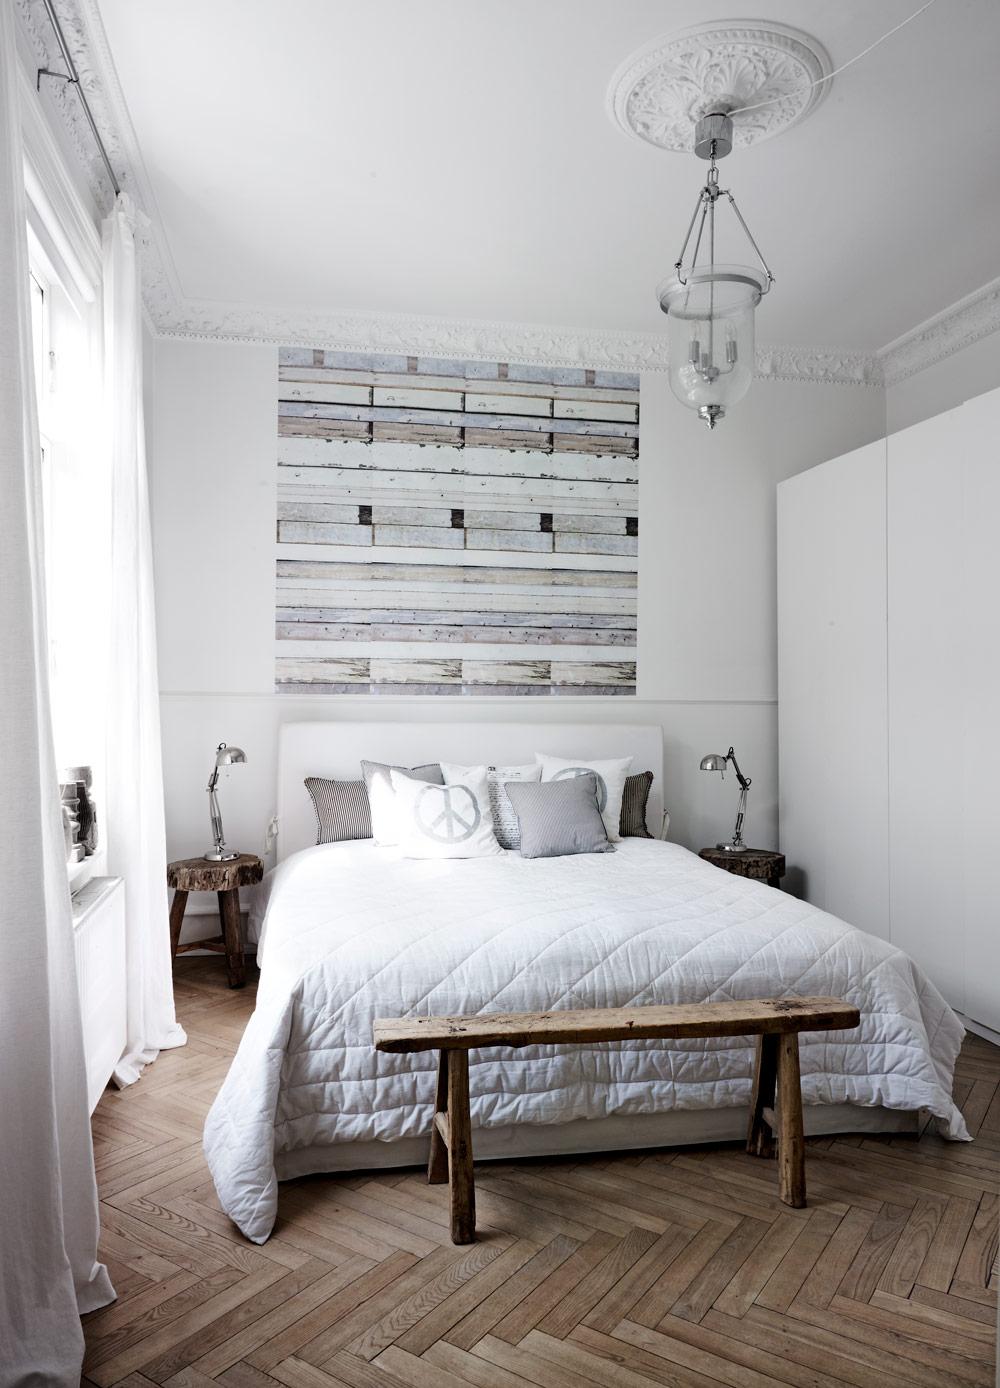 Картины над кроватью в стиле лофт